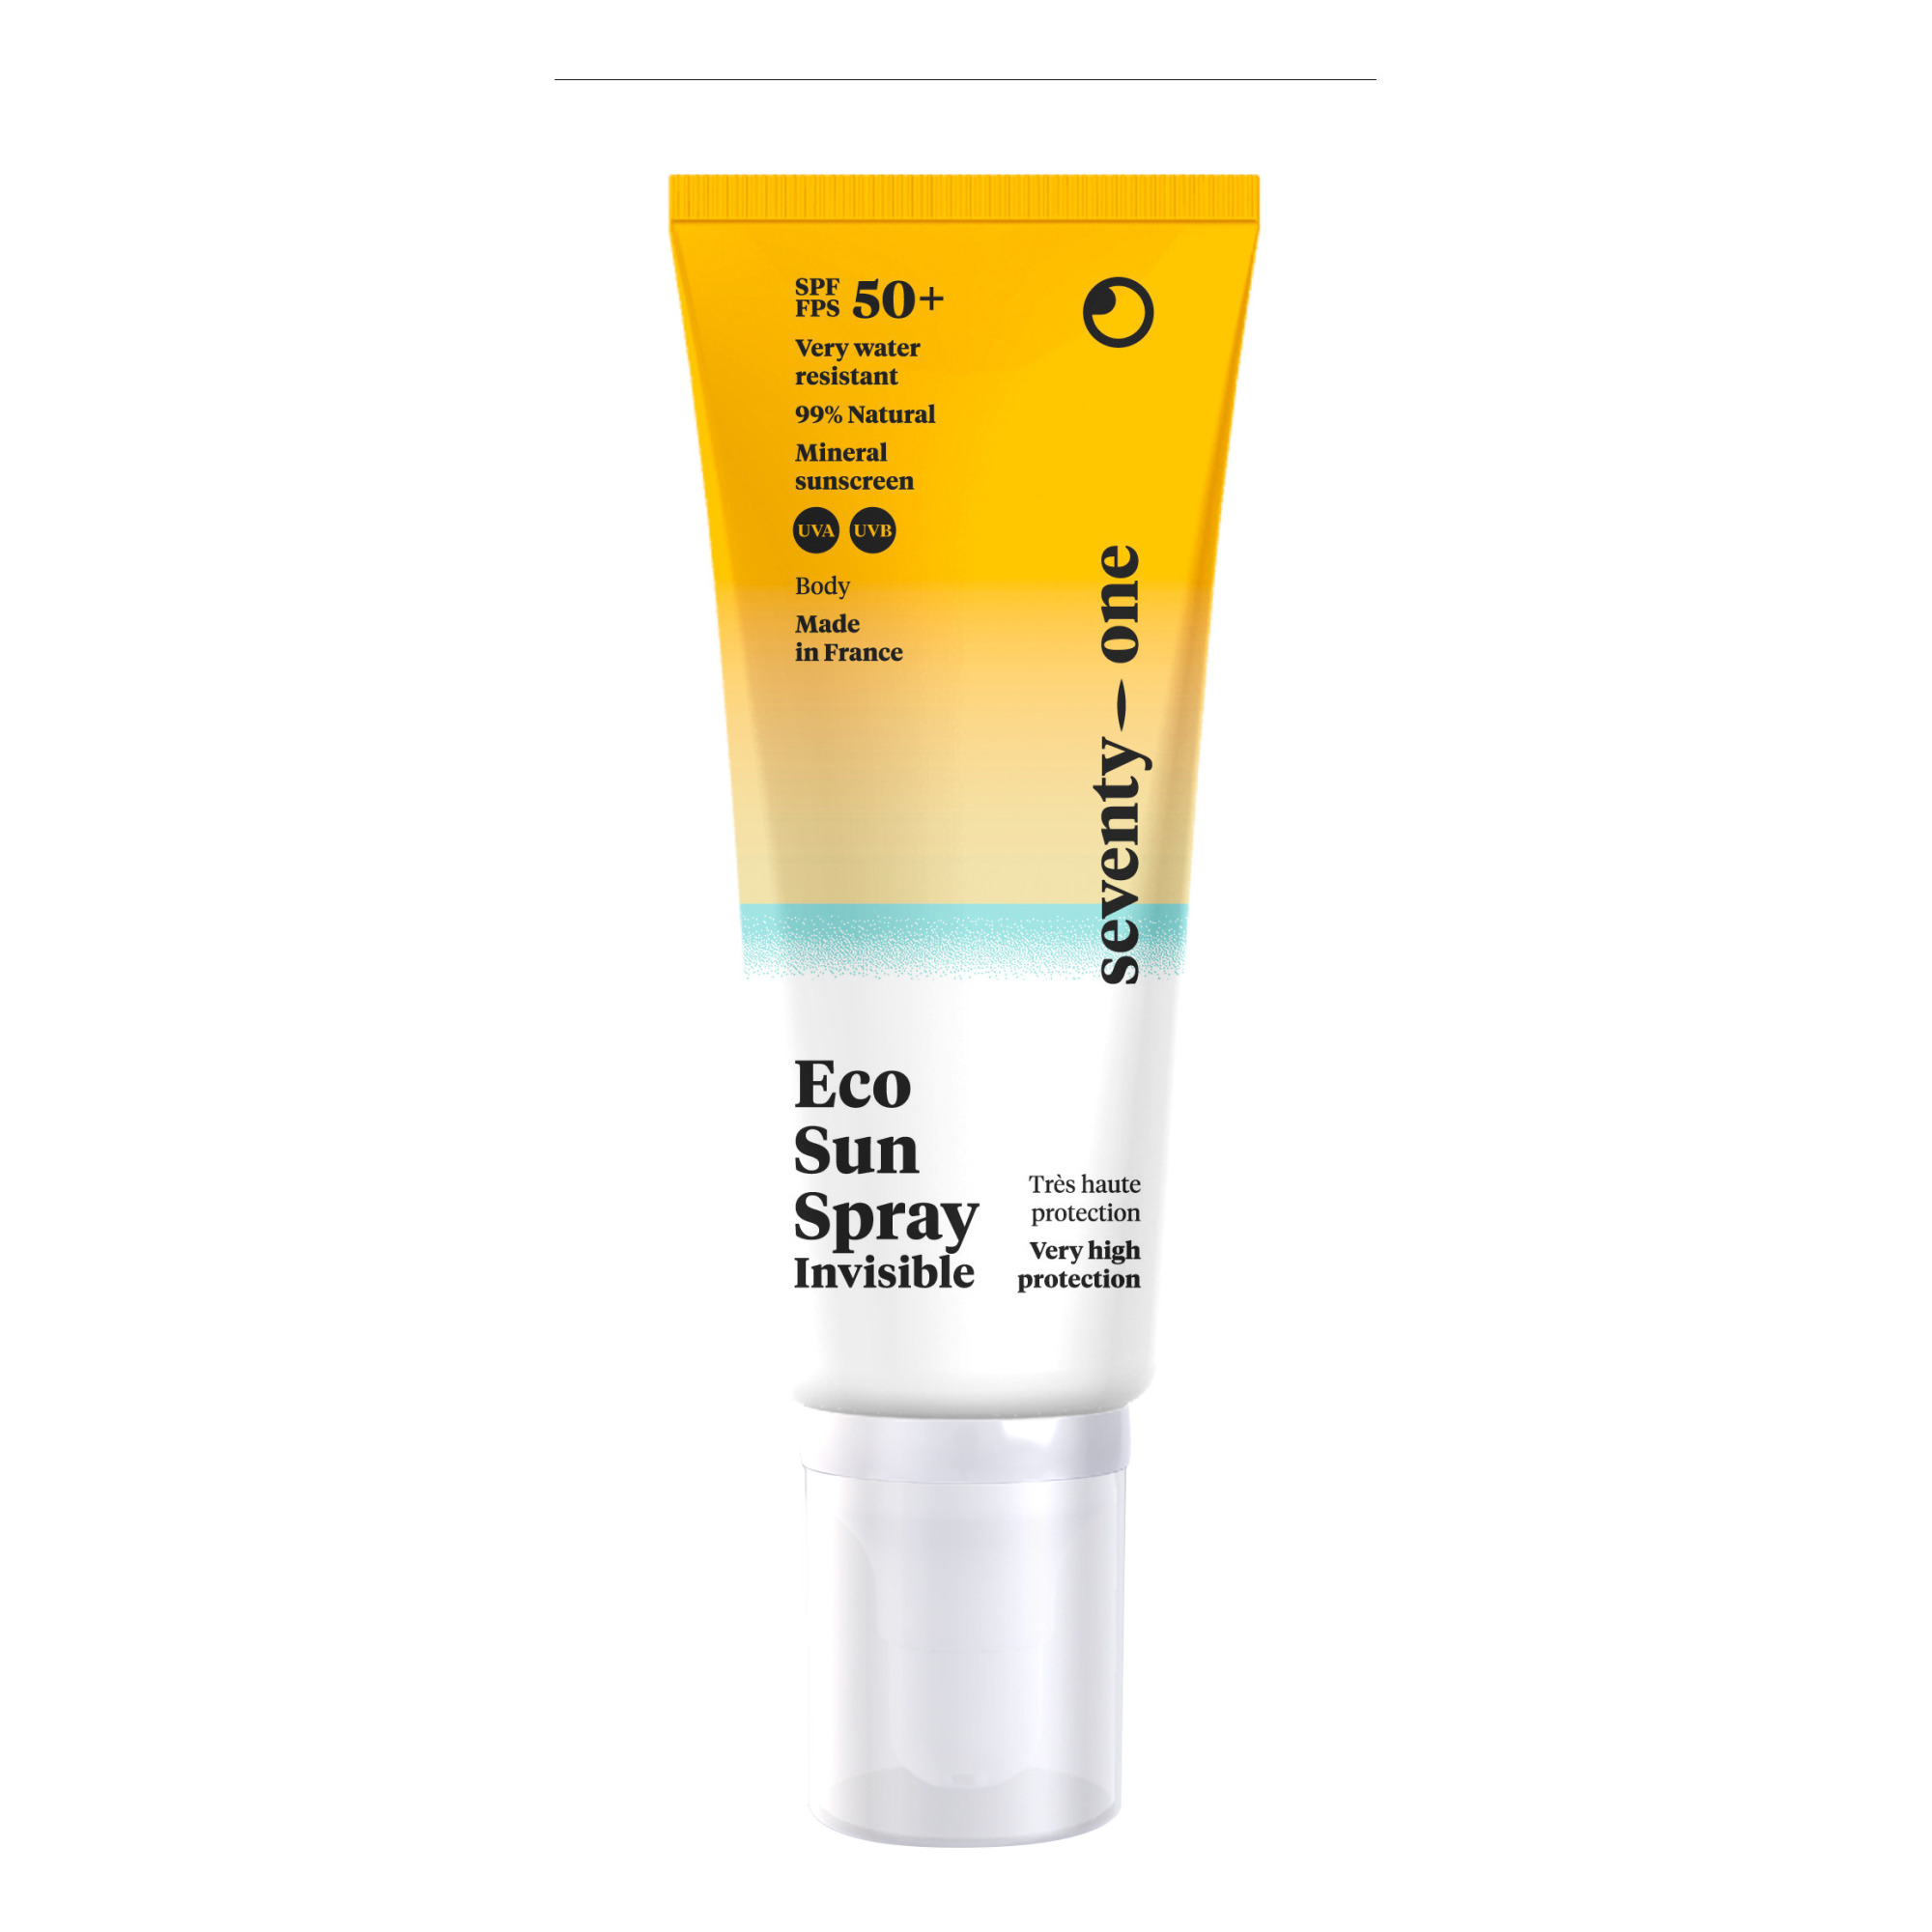 spray-solaire-eco-sun-spray-invisible-spf50-100-ml